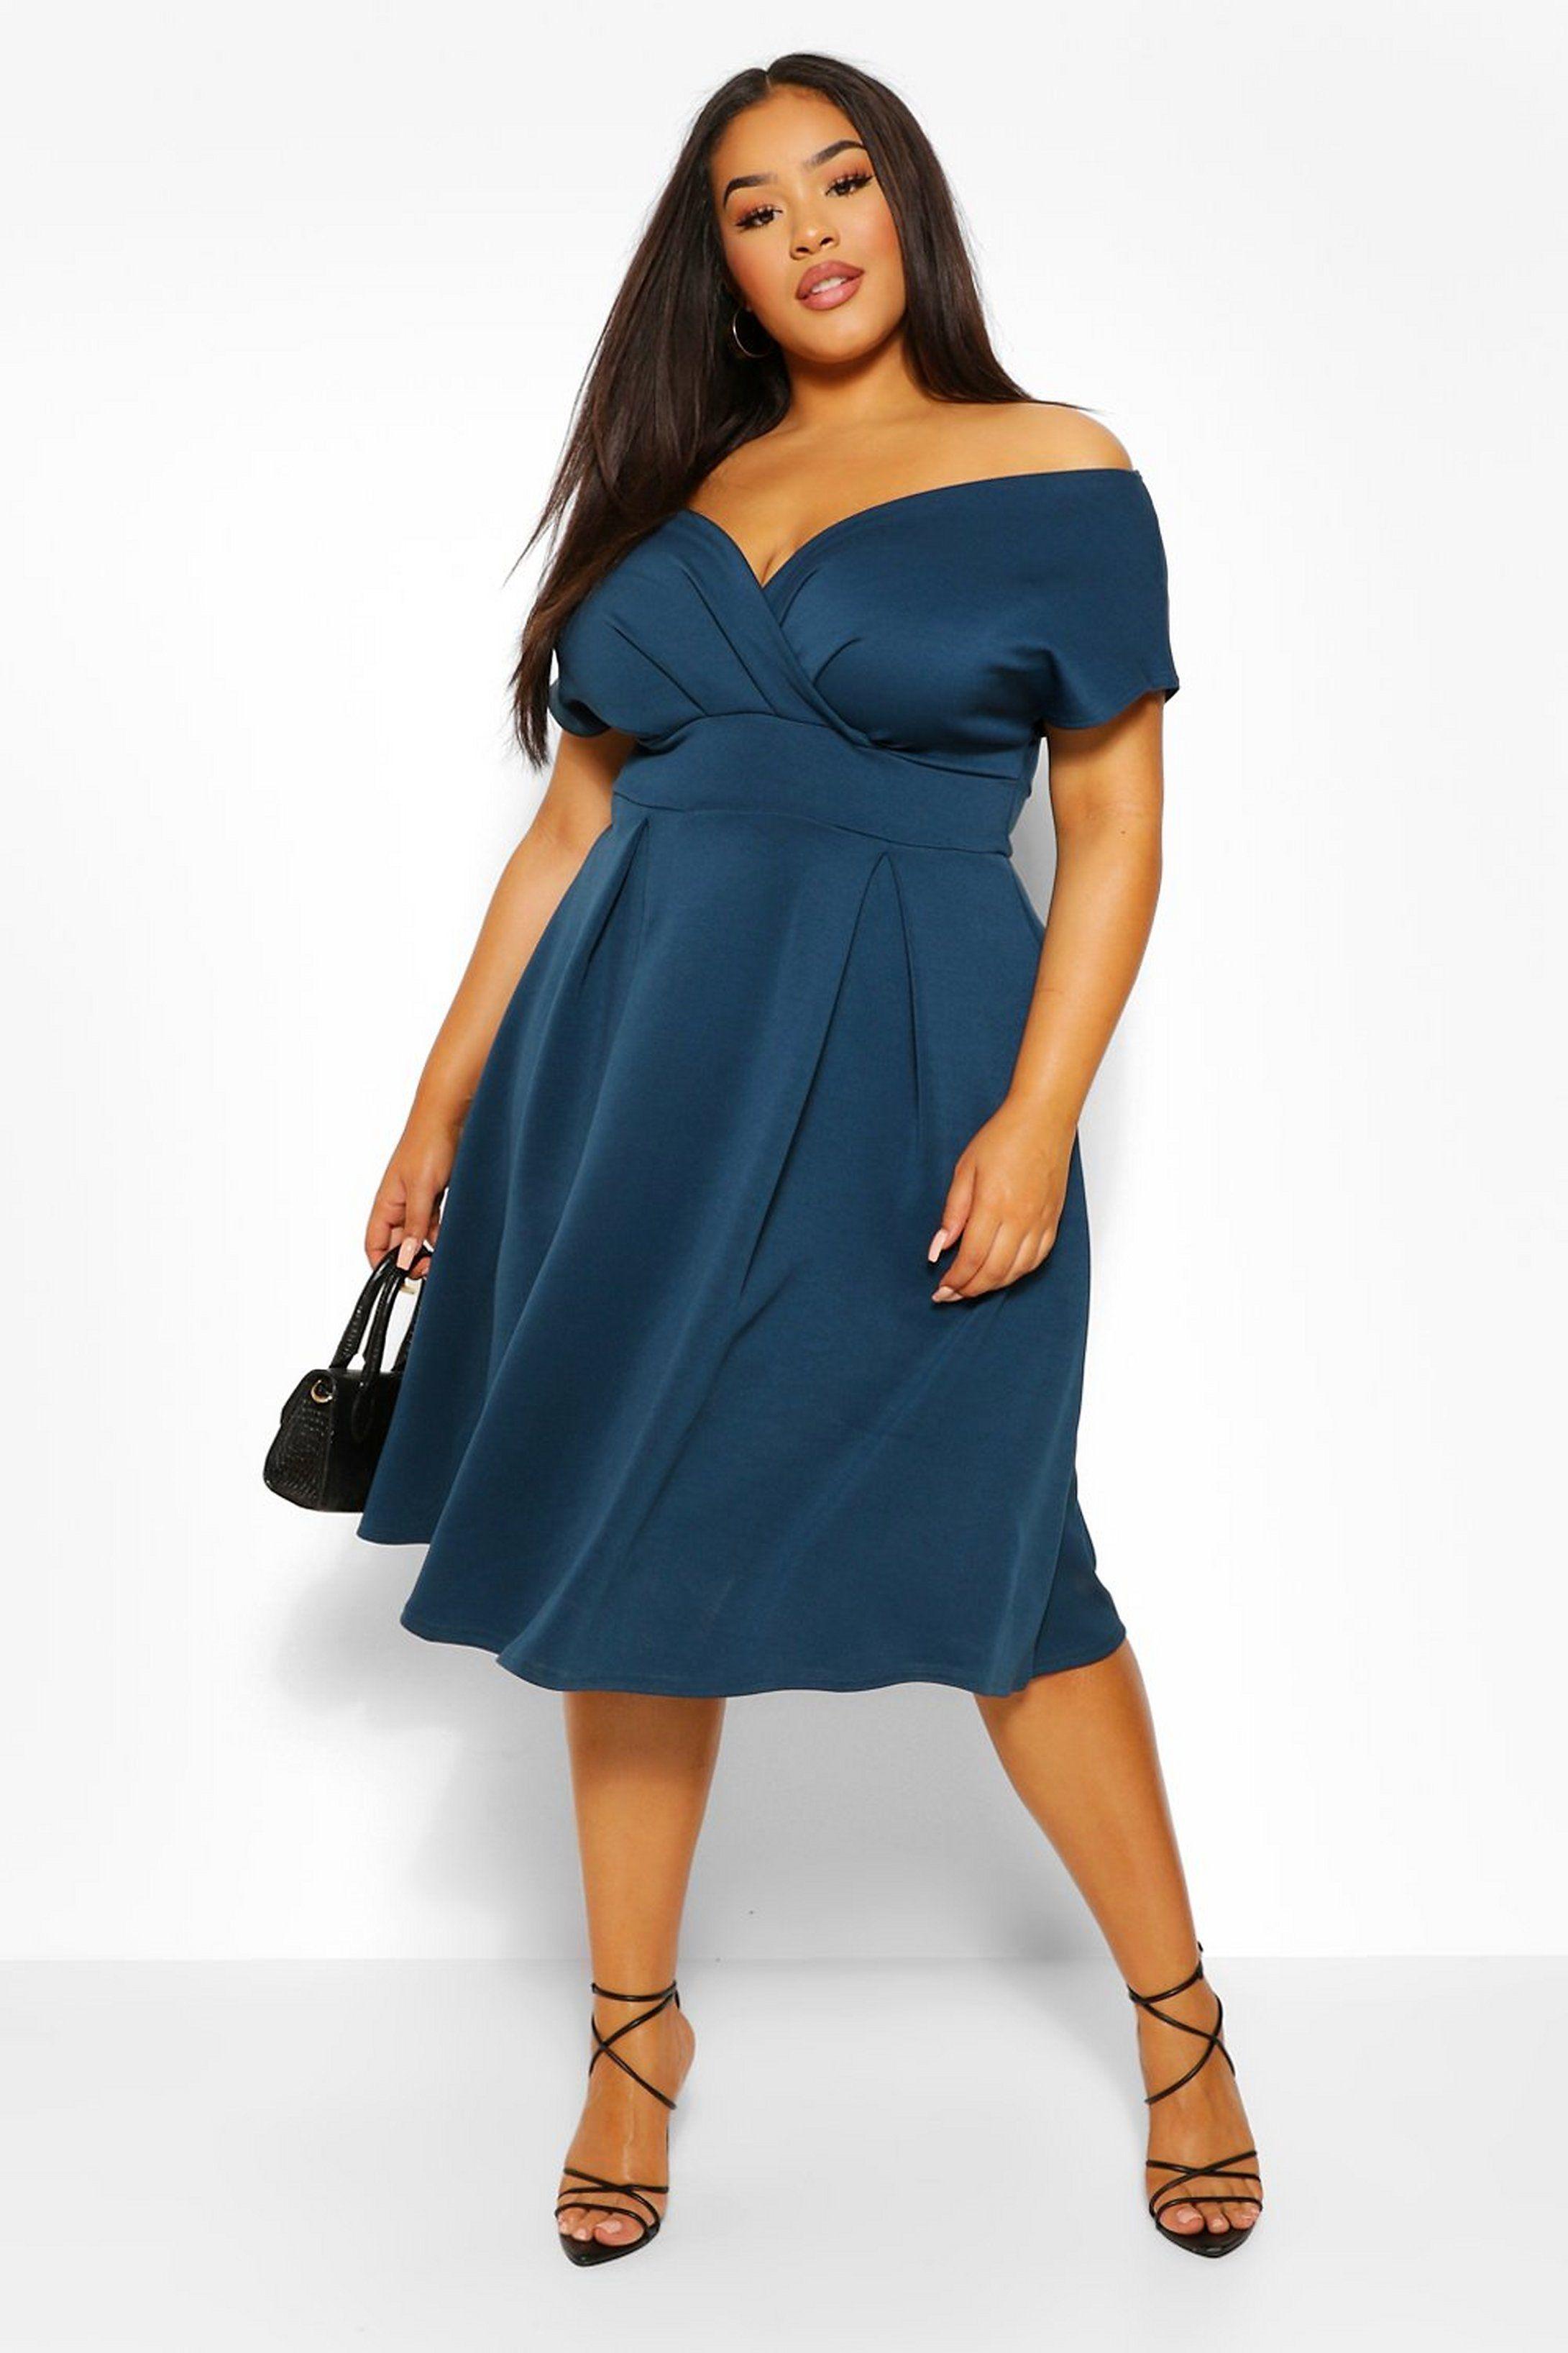 Plus Off The Shoulder Wrap Midi Dress Boohoo Plus Size Wedding Guest Dresses Dresses For Apple Shape Wrap Dress Curvy [ 3272 x 2181 Pixel ]